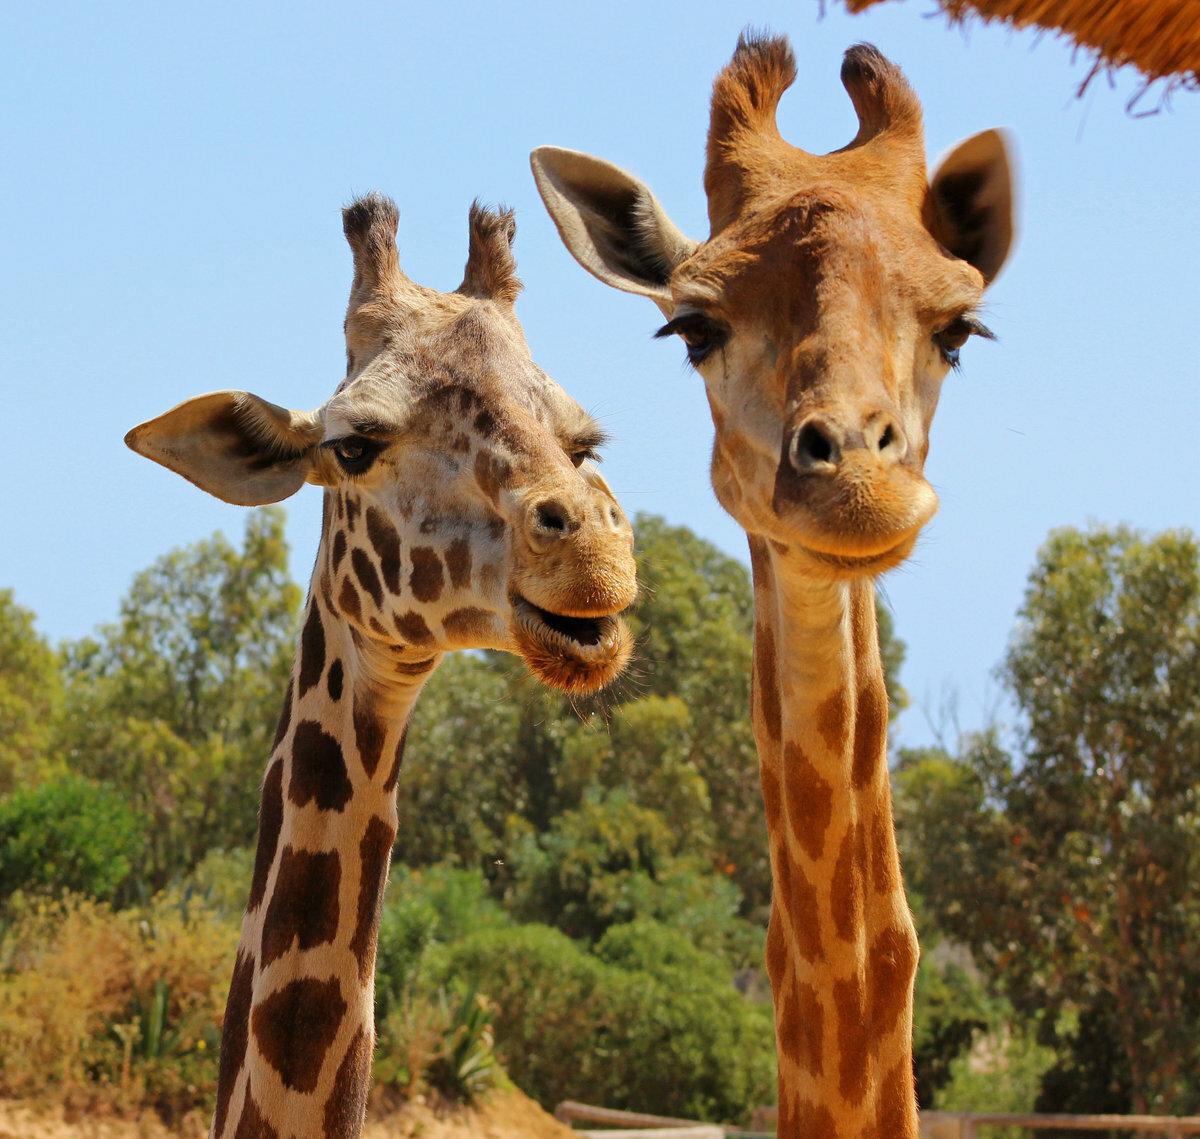 красивые жирафики картинки что одни территории